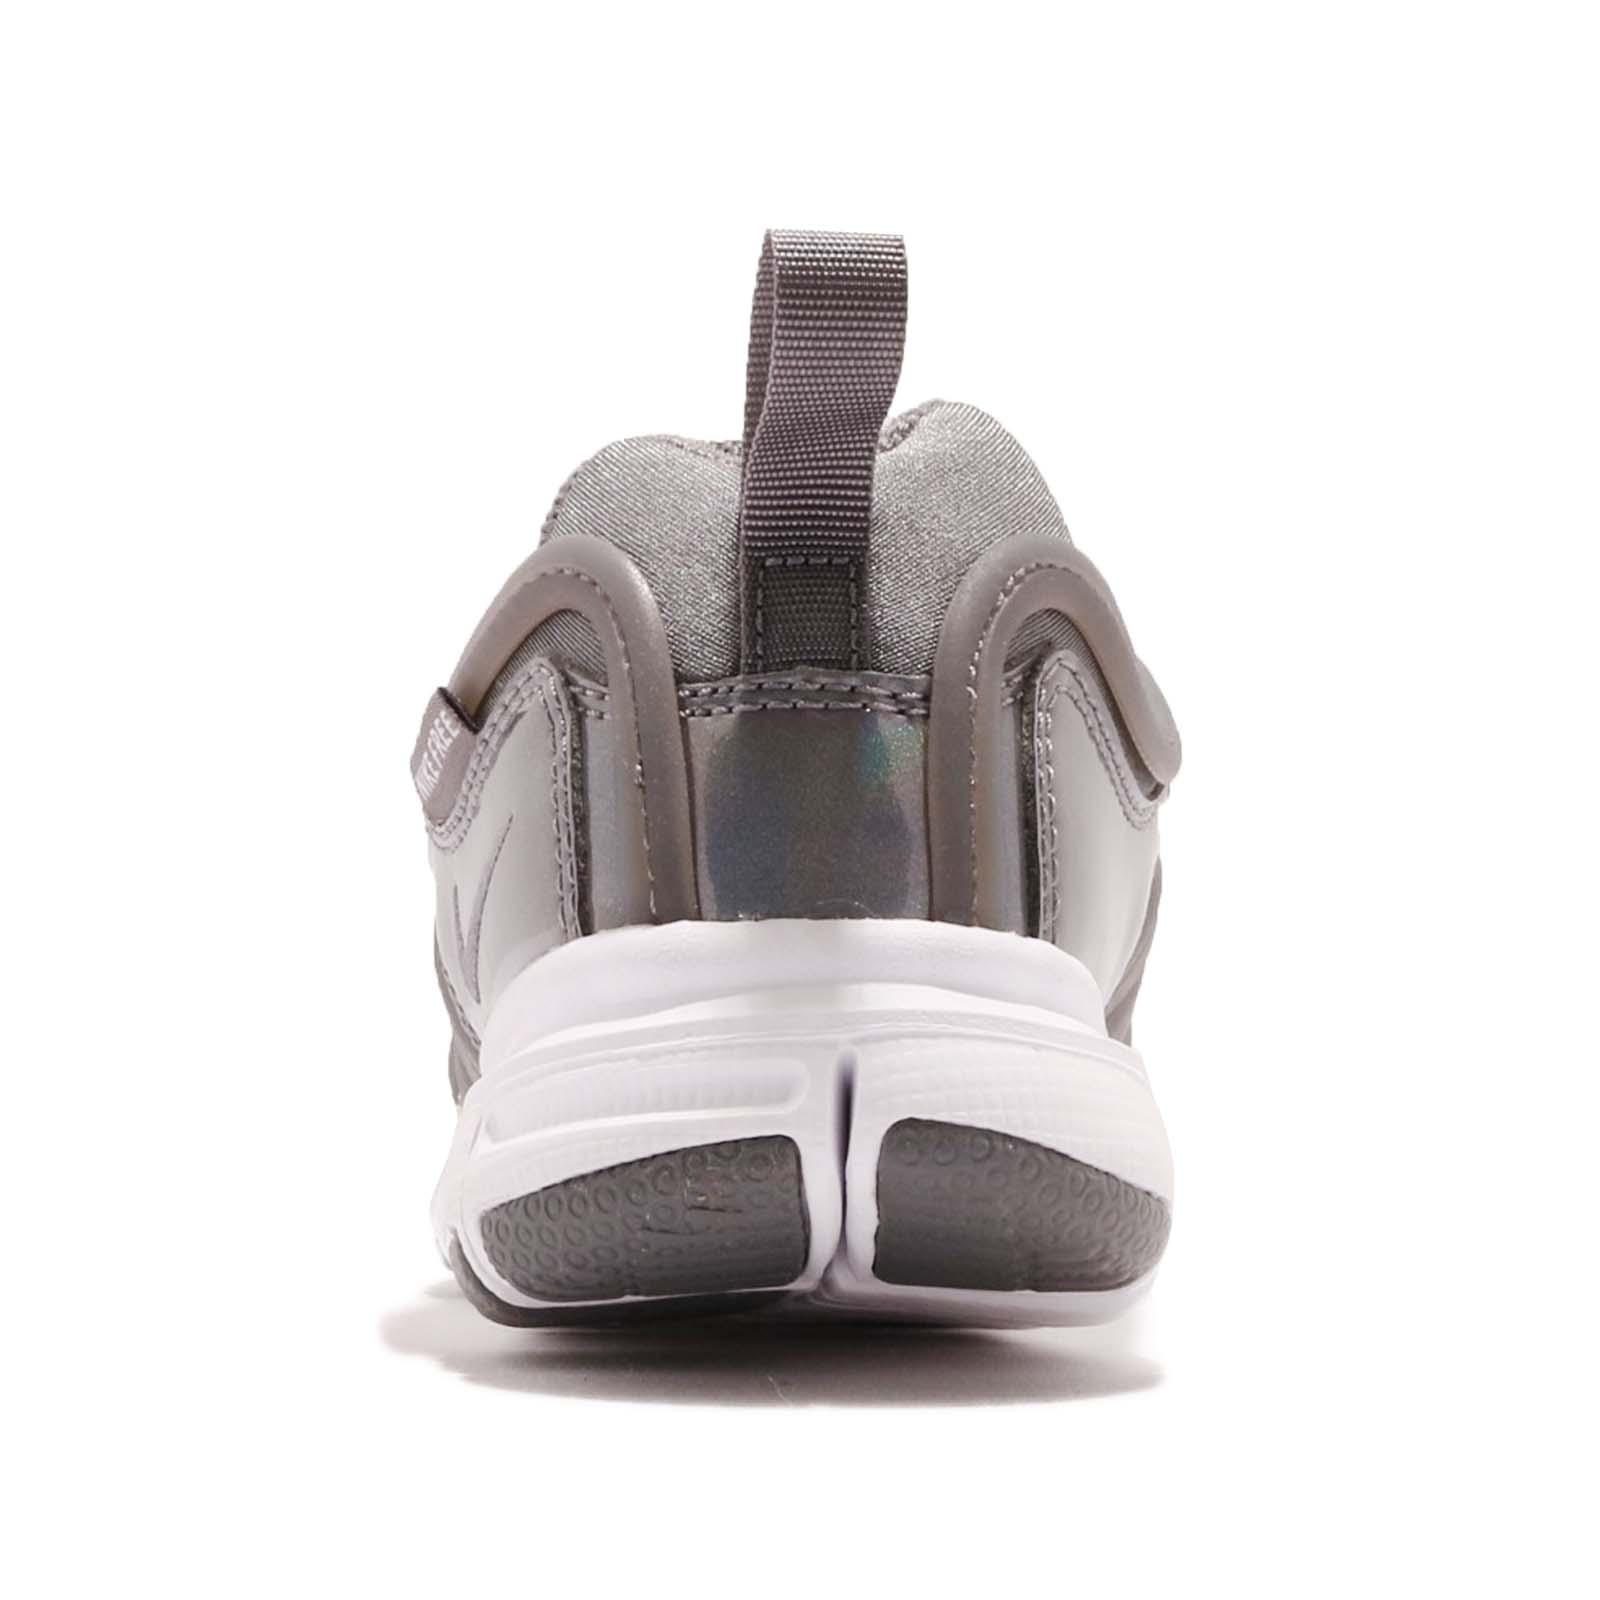 44b724d882bdc Nike Dynamo Free SE PS Grey White Preschool Boy Girl Slip On Shoes ...